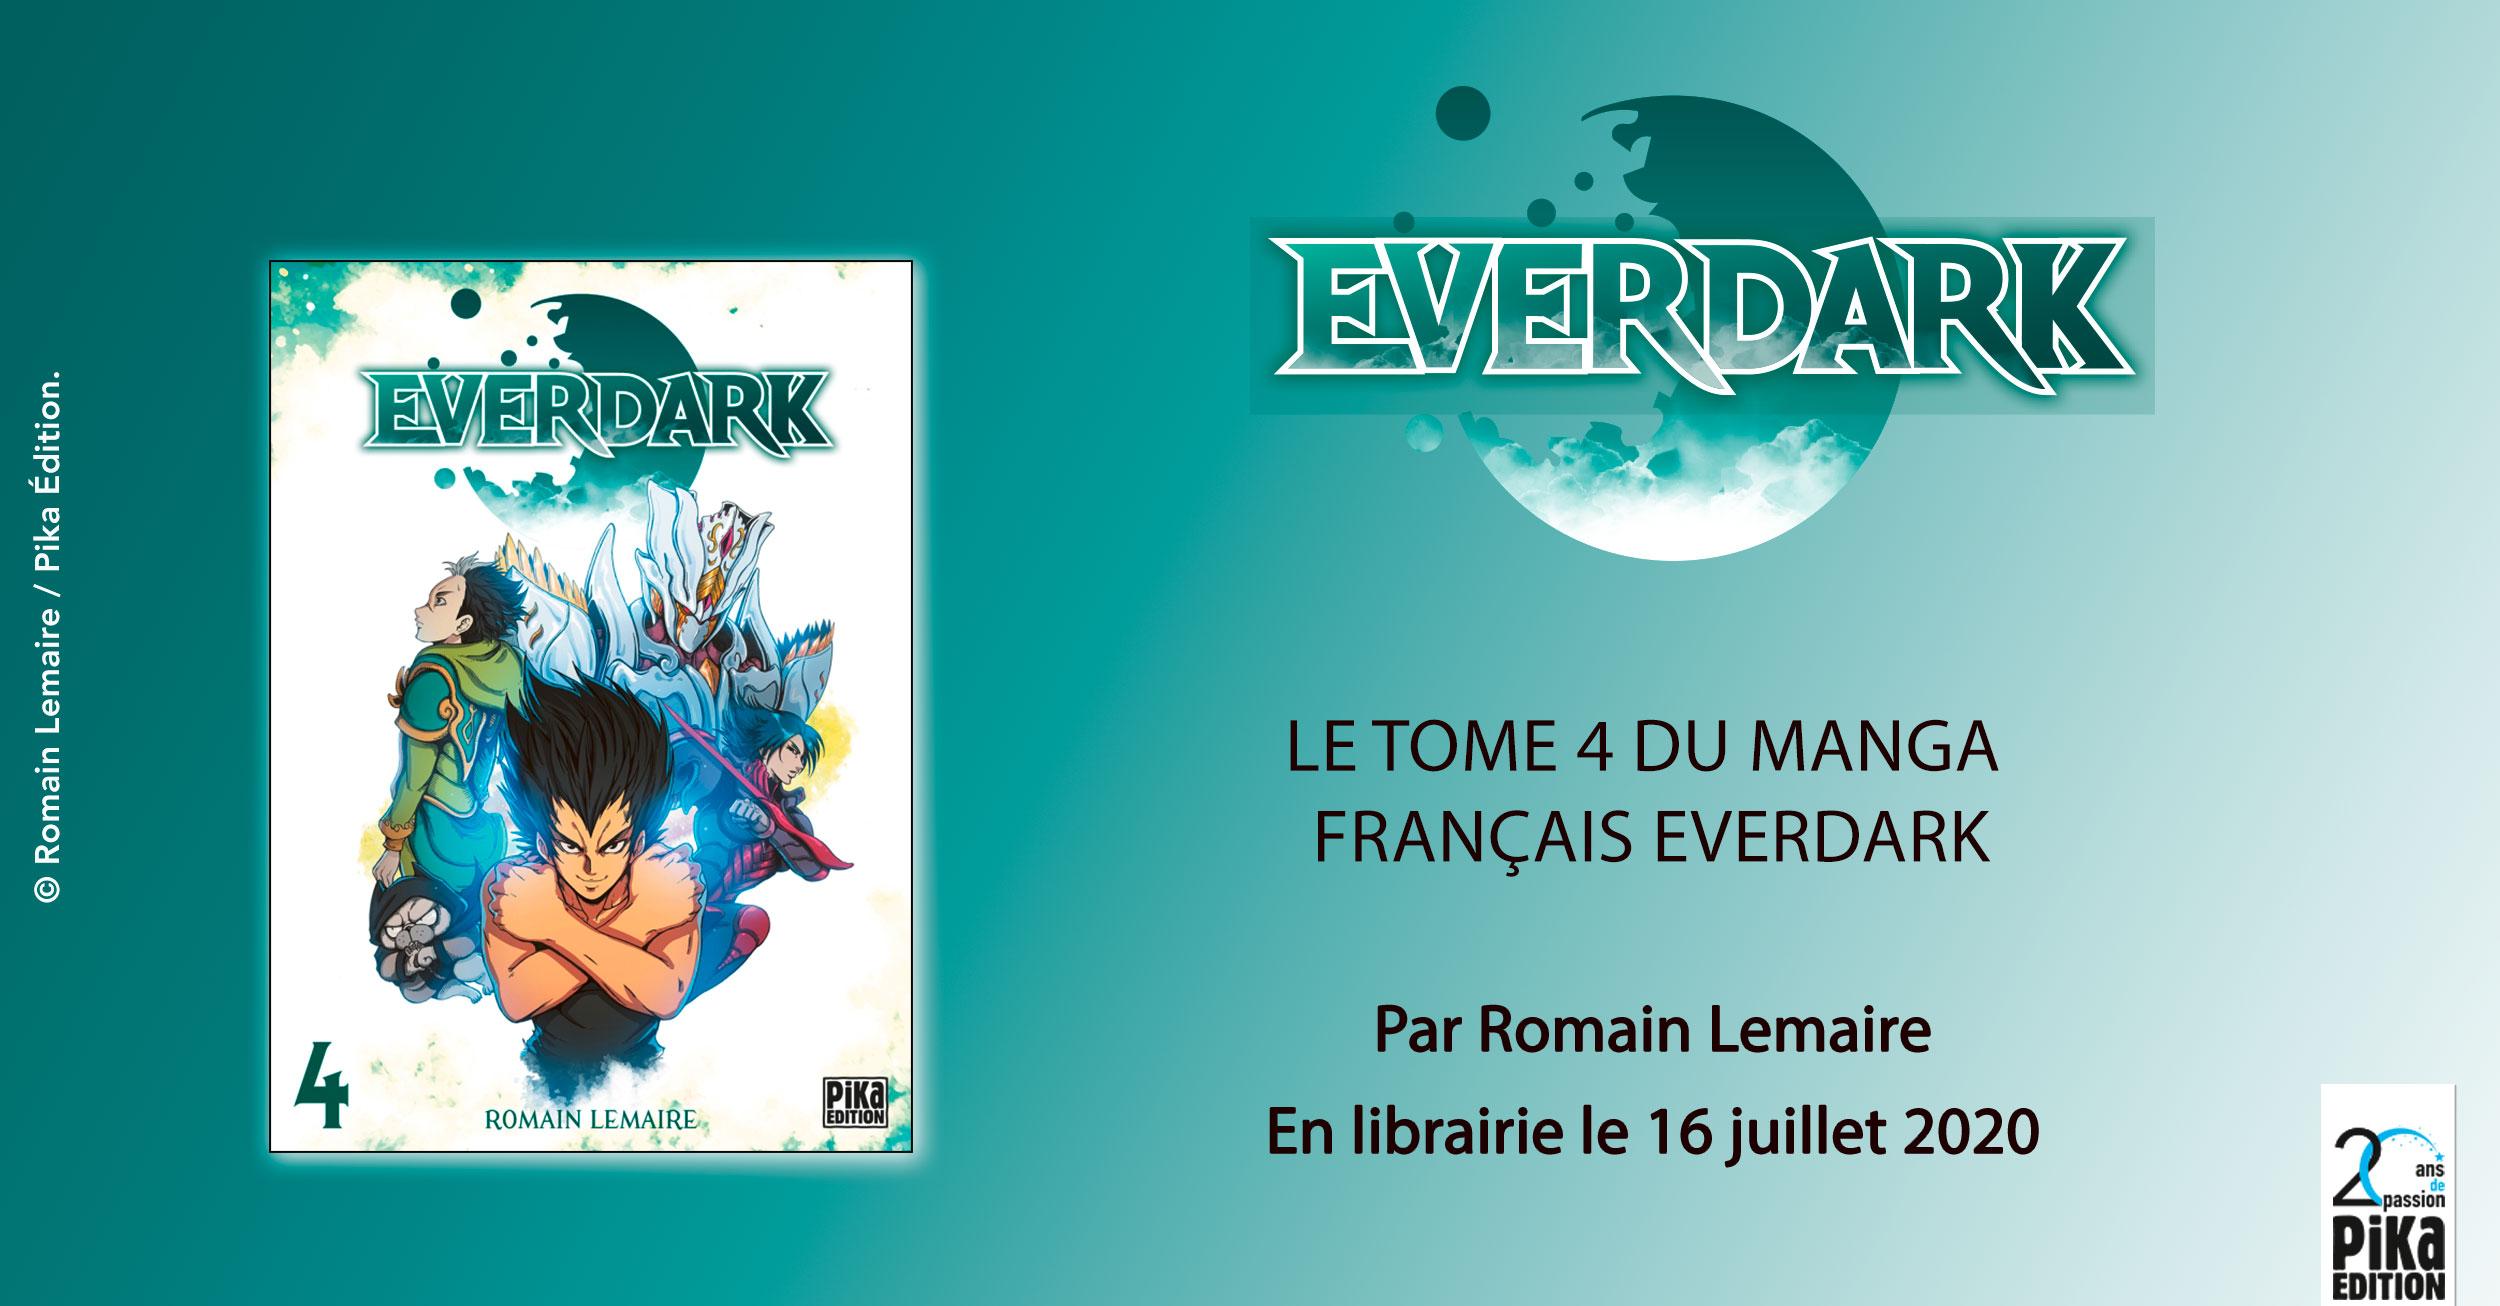 Everdark tome 4, dans toutes les librairies dès le 16 juillet